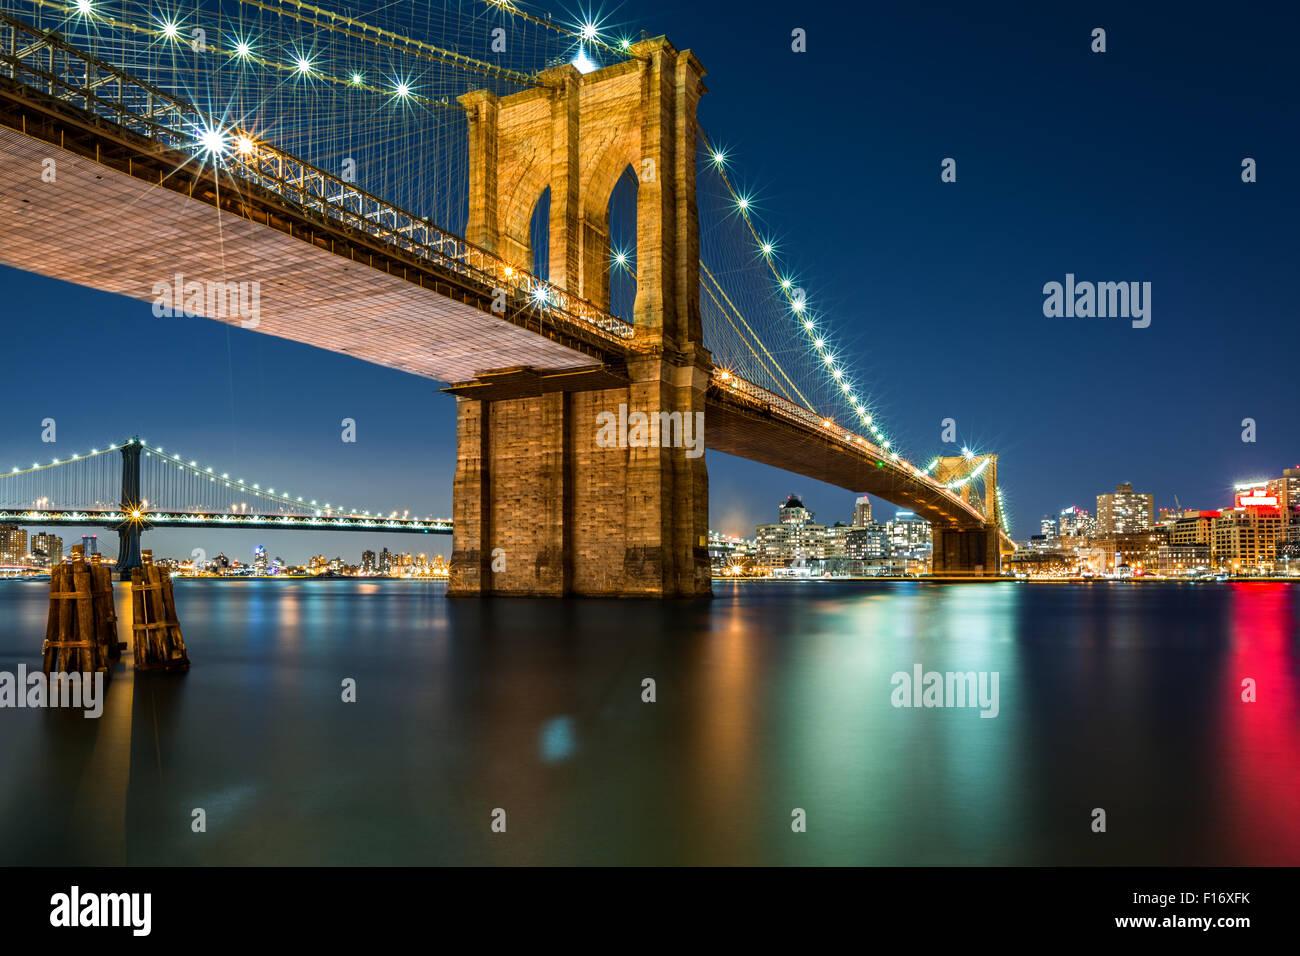 Beleuchtete Brooklyn Bridge bei Nacht von der Manhattan-Seite - sehr lange Belichtungszeit für eine perfekt Stockbild